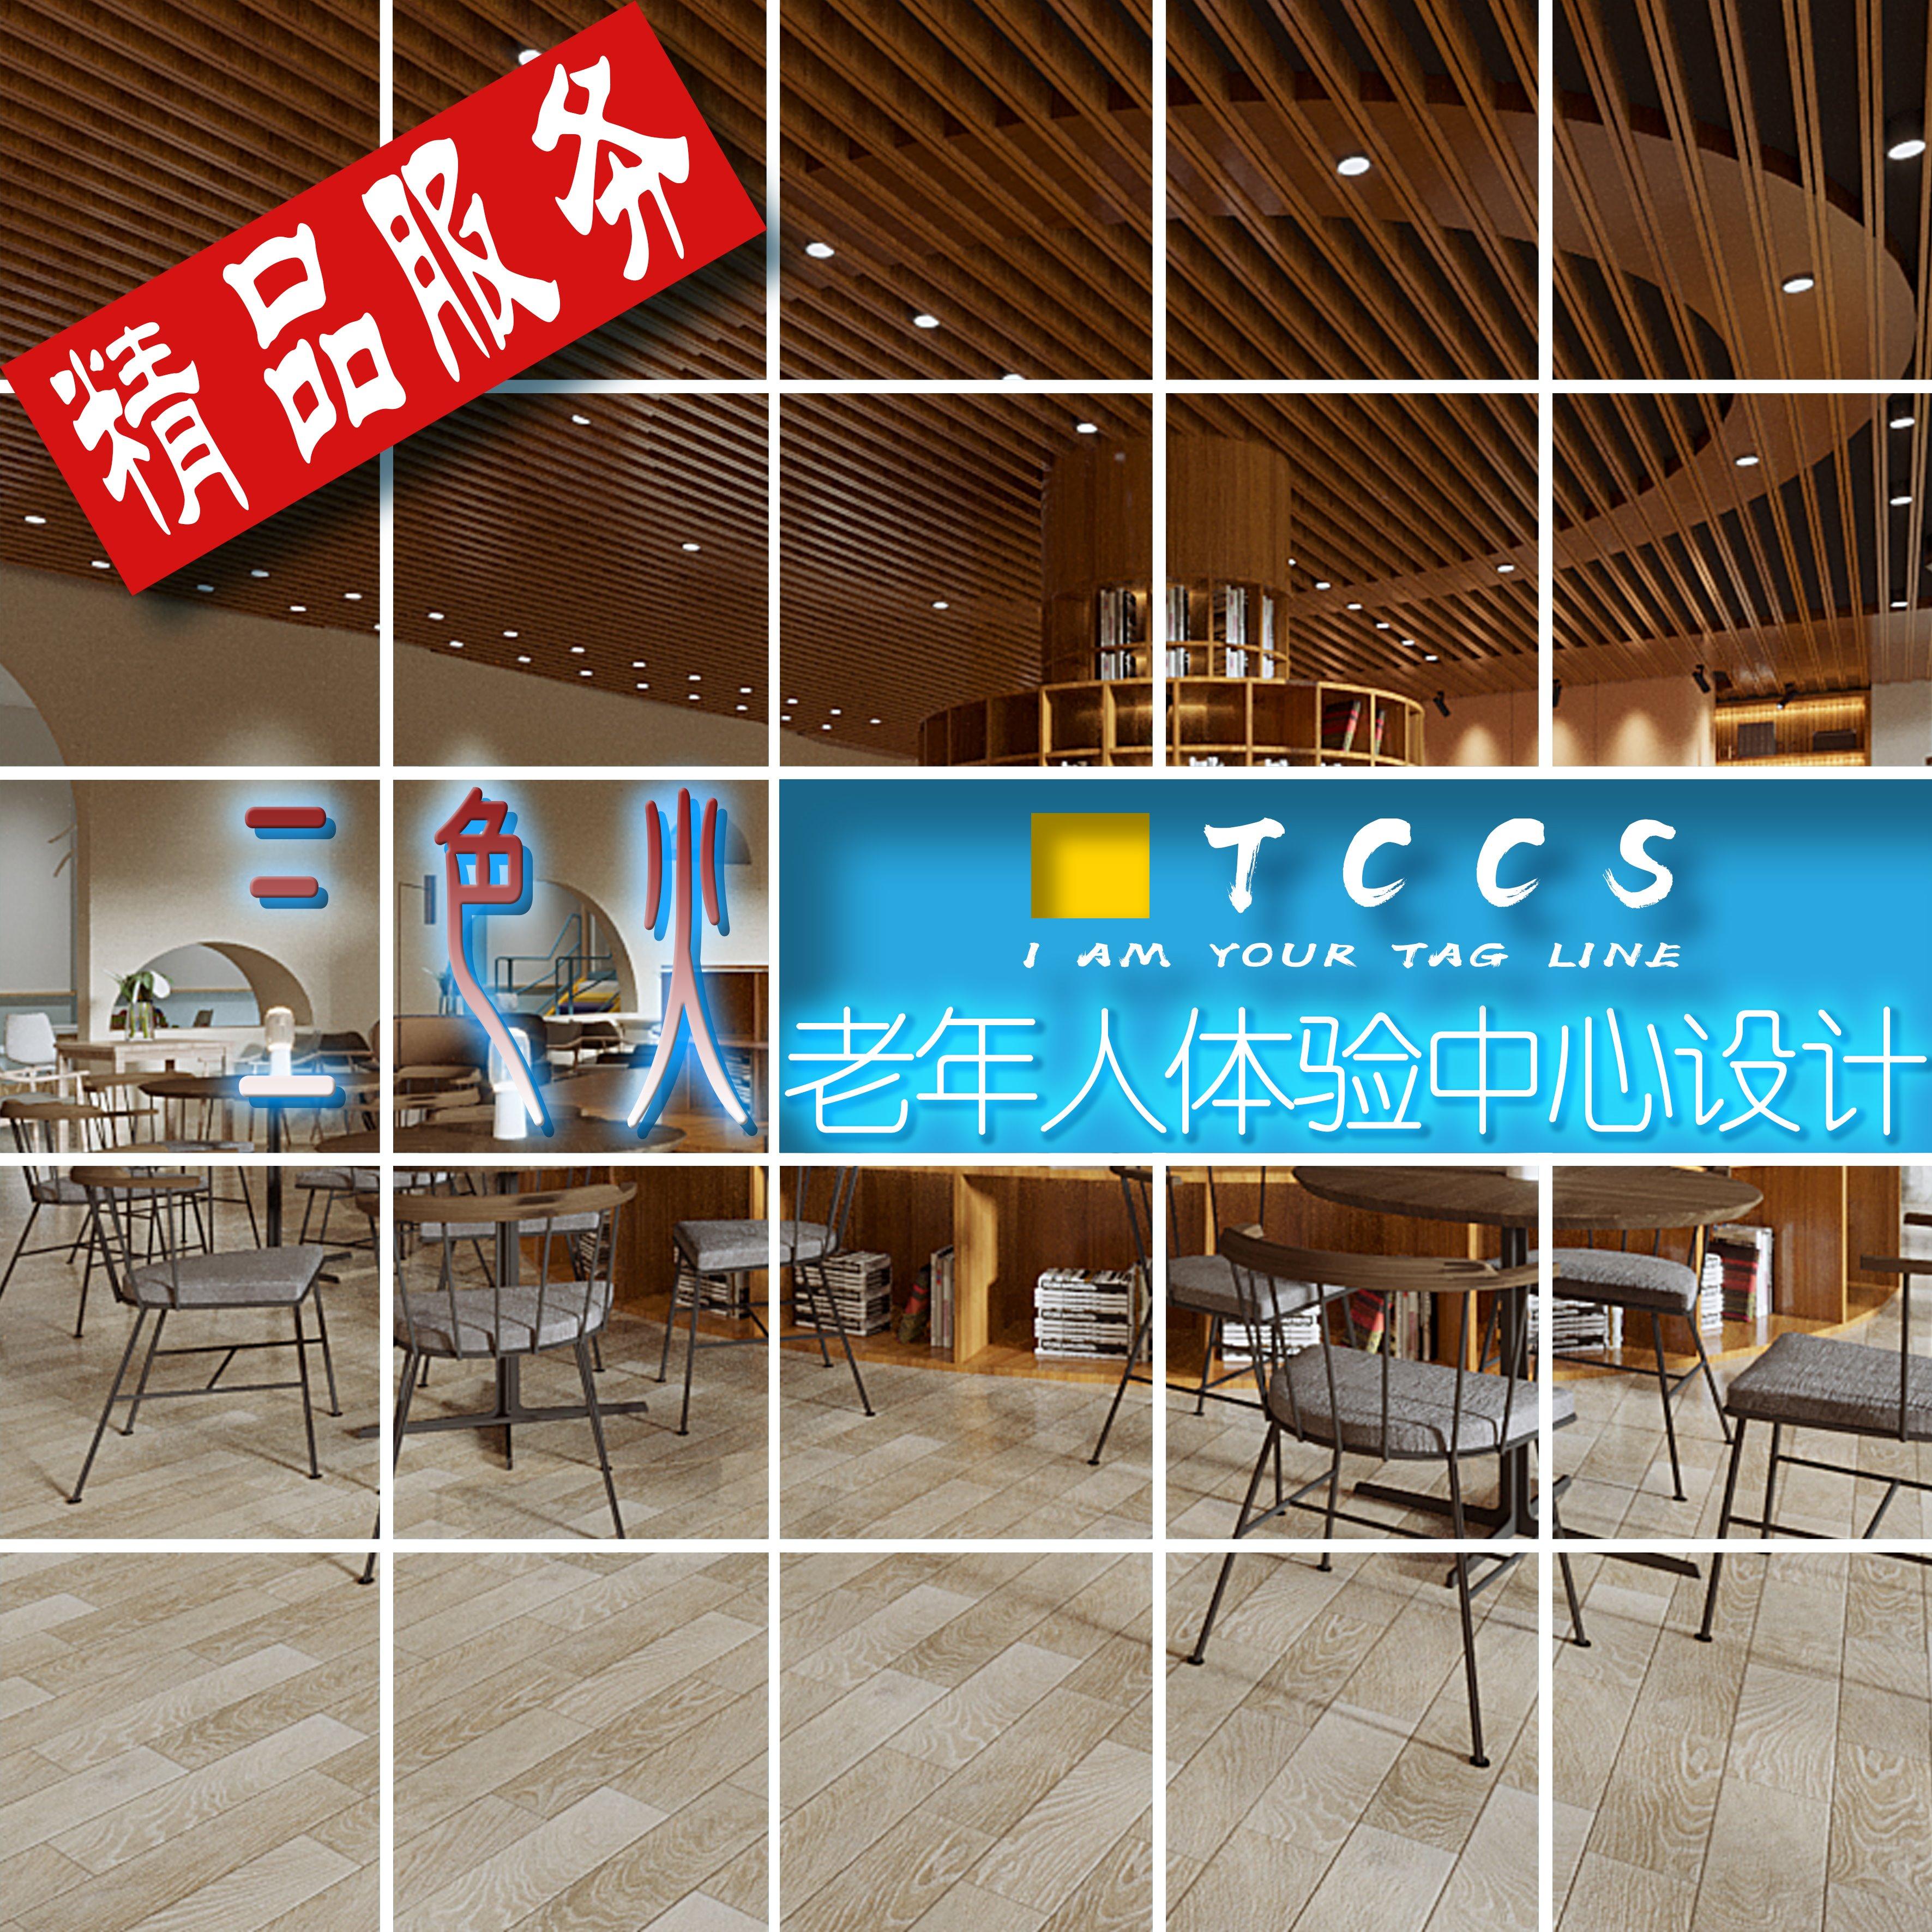 老年人体验中心设计公装设计室内设计装修设计空间设计公装服务